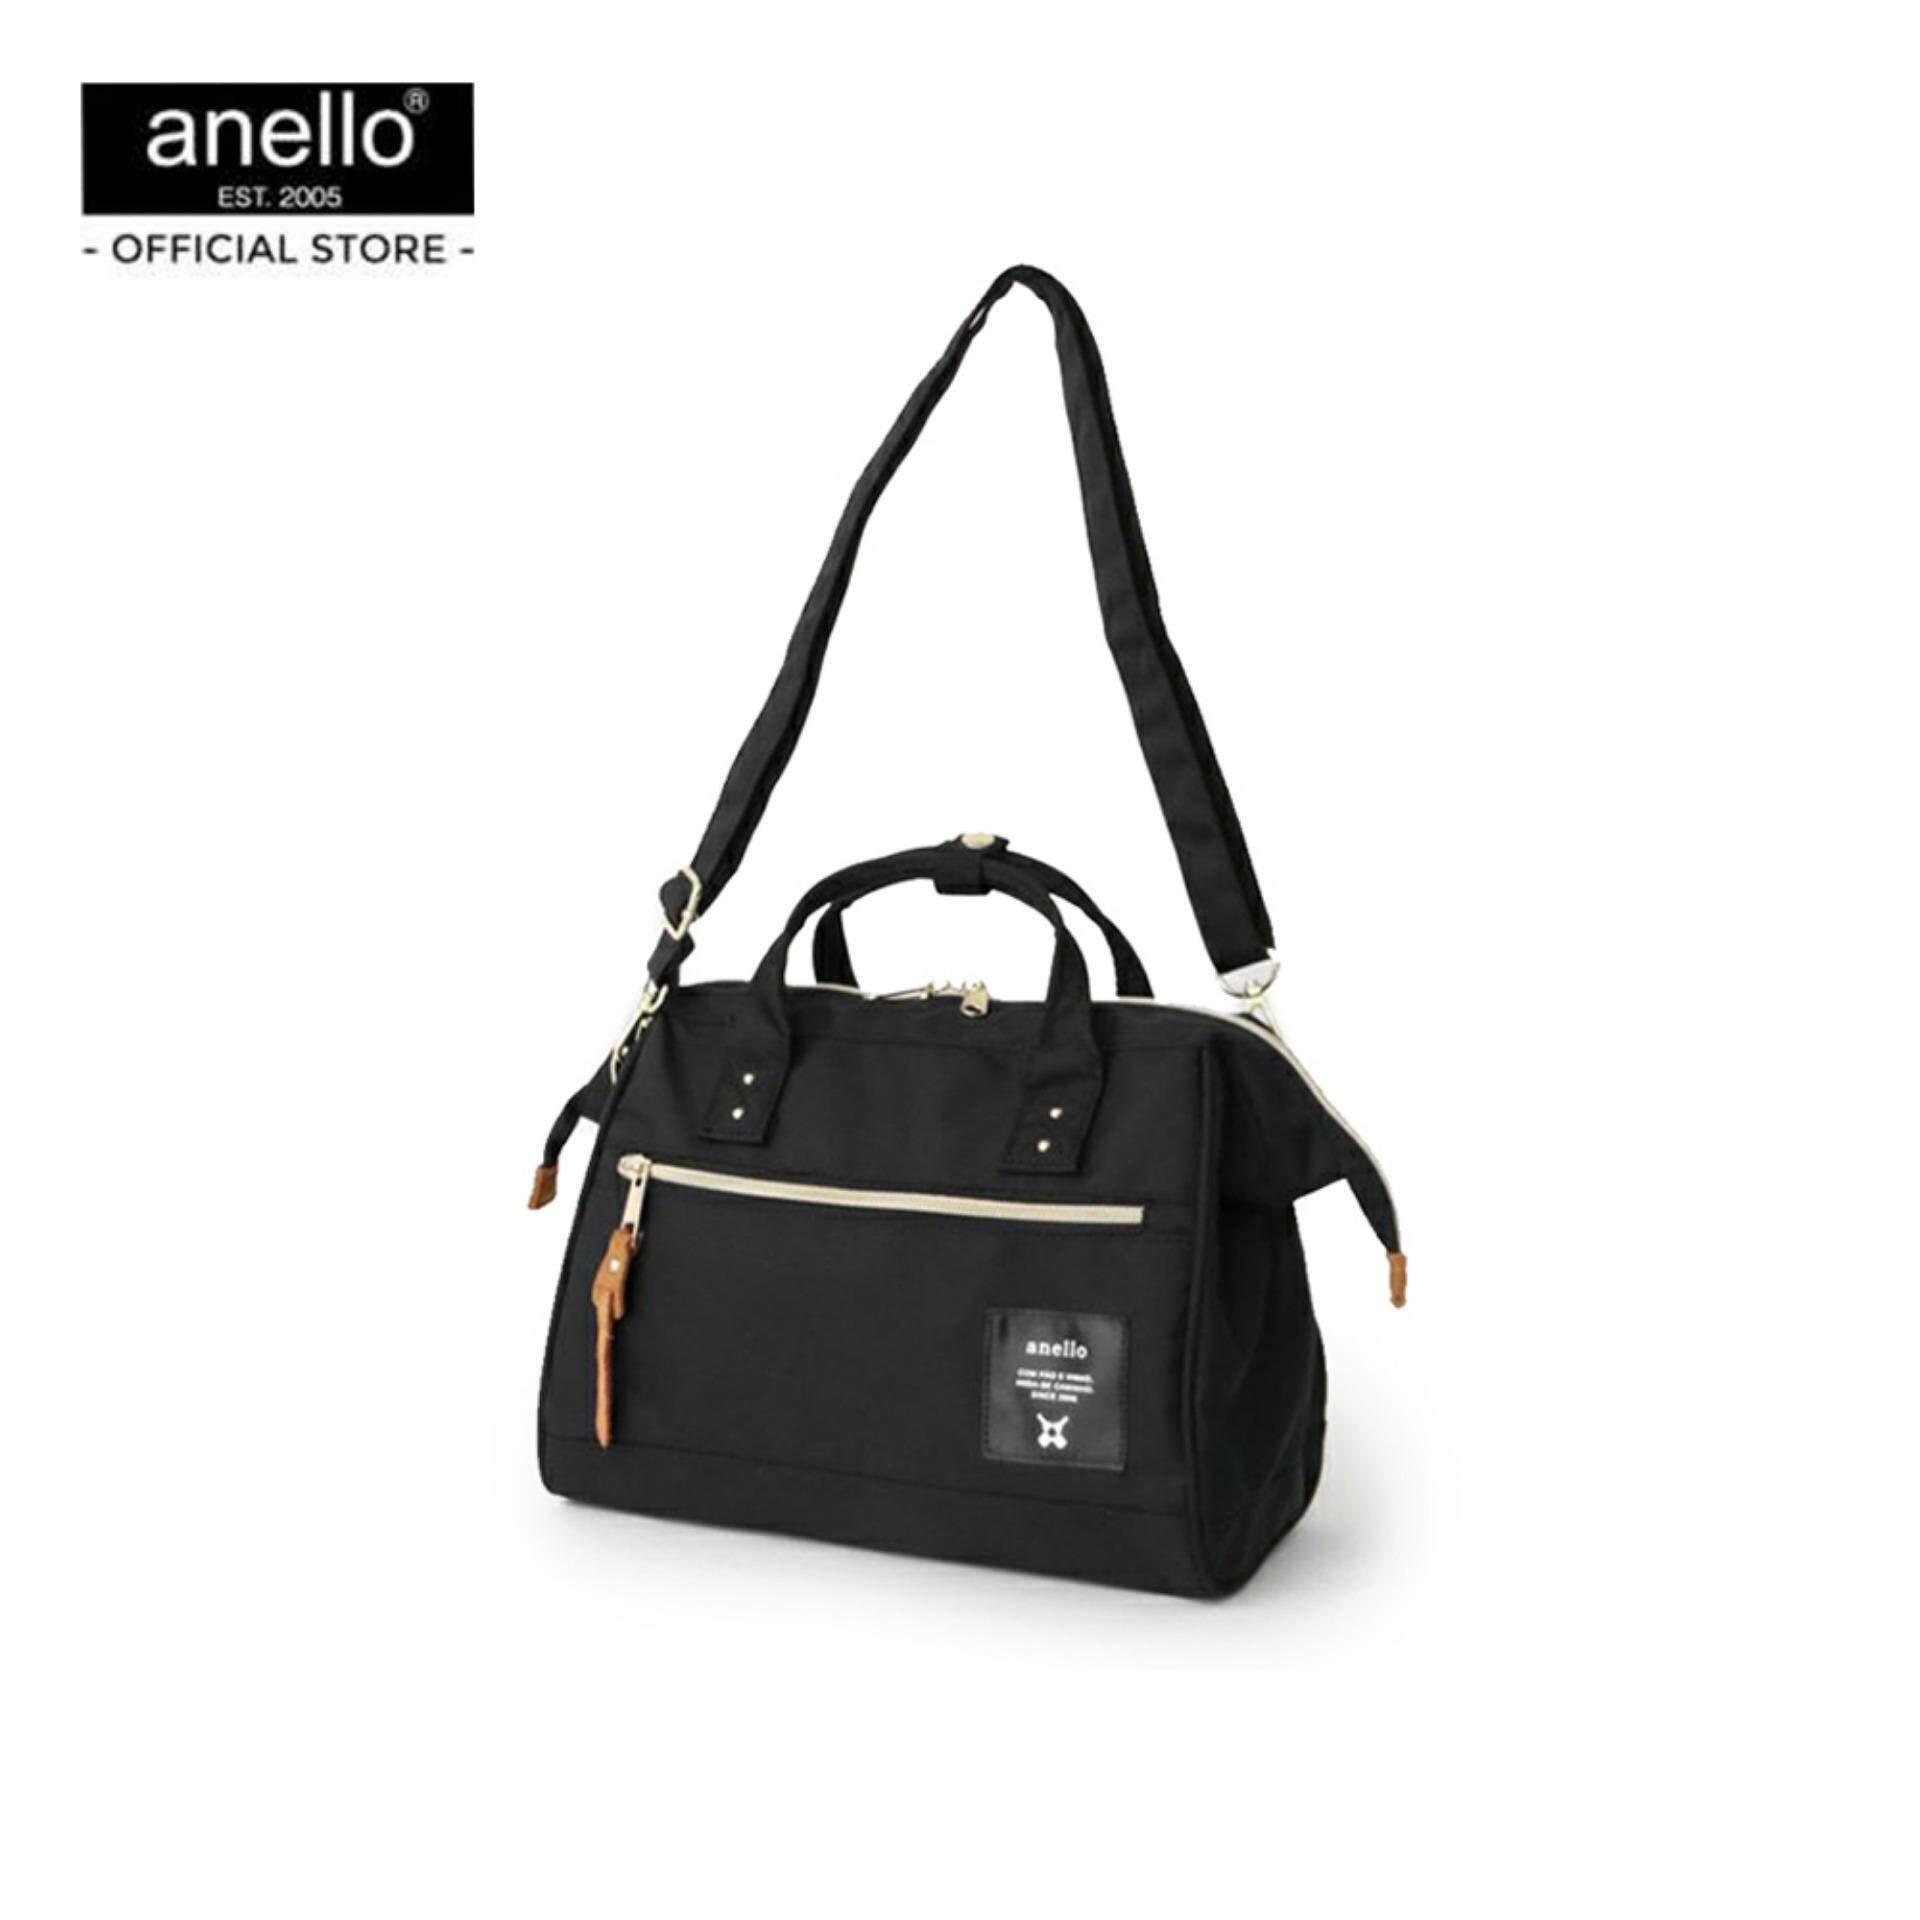 ยี่ห้อไหนดี  อำนาจเจริญ anello กระเป๋าสะพายไหล่ Regular Middle size shoulder Bag_FSO-H004